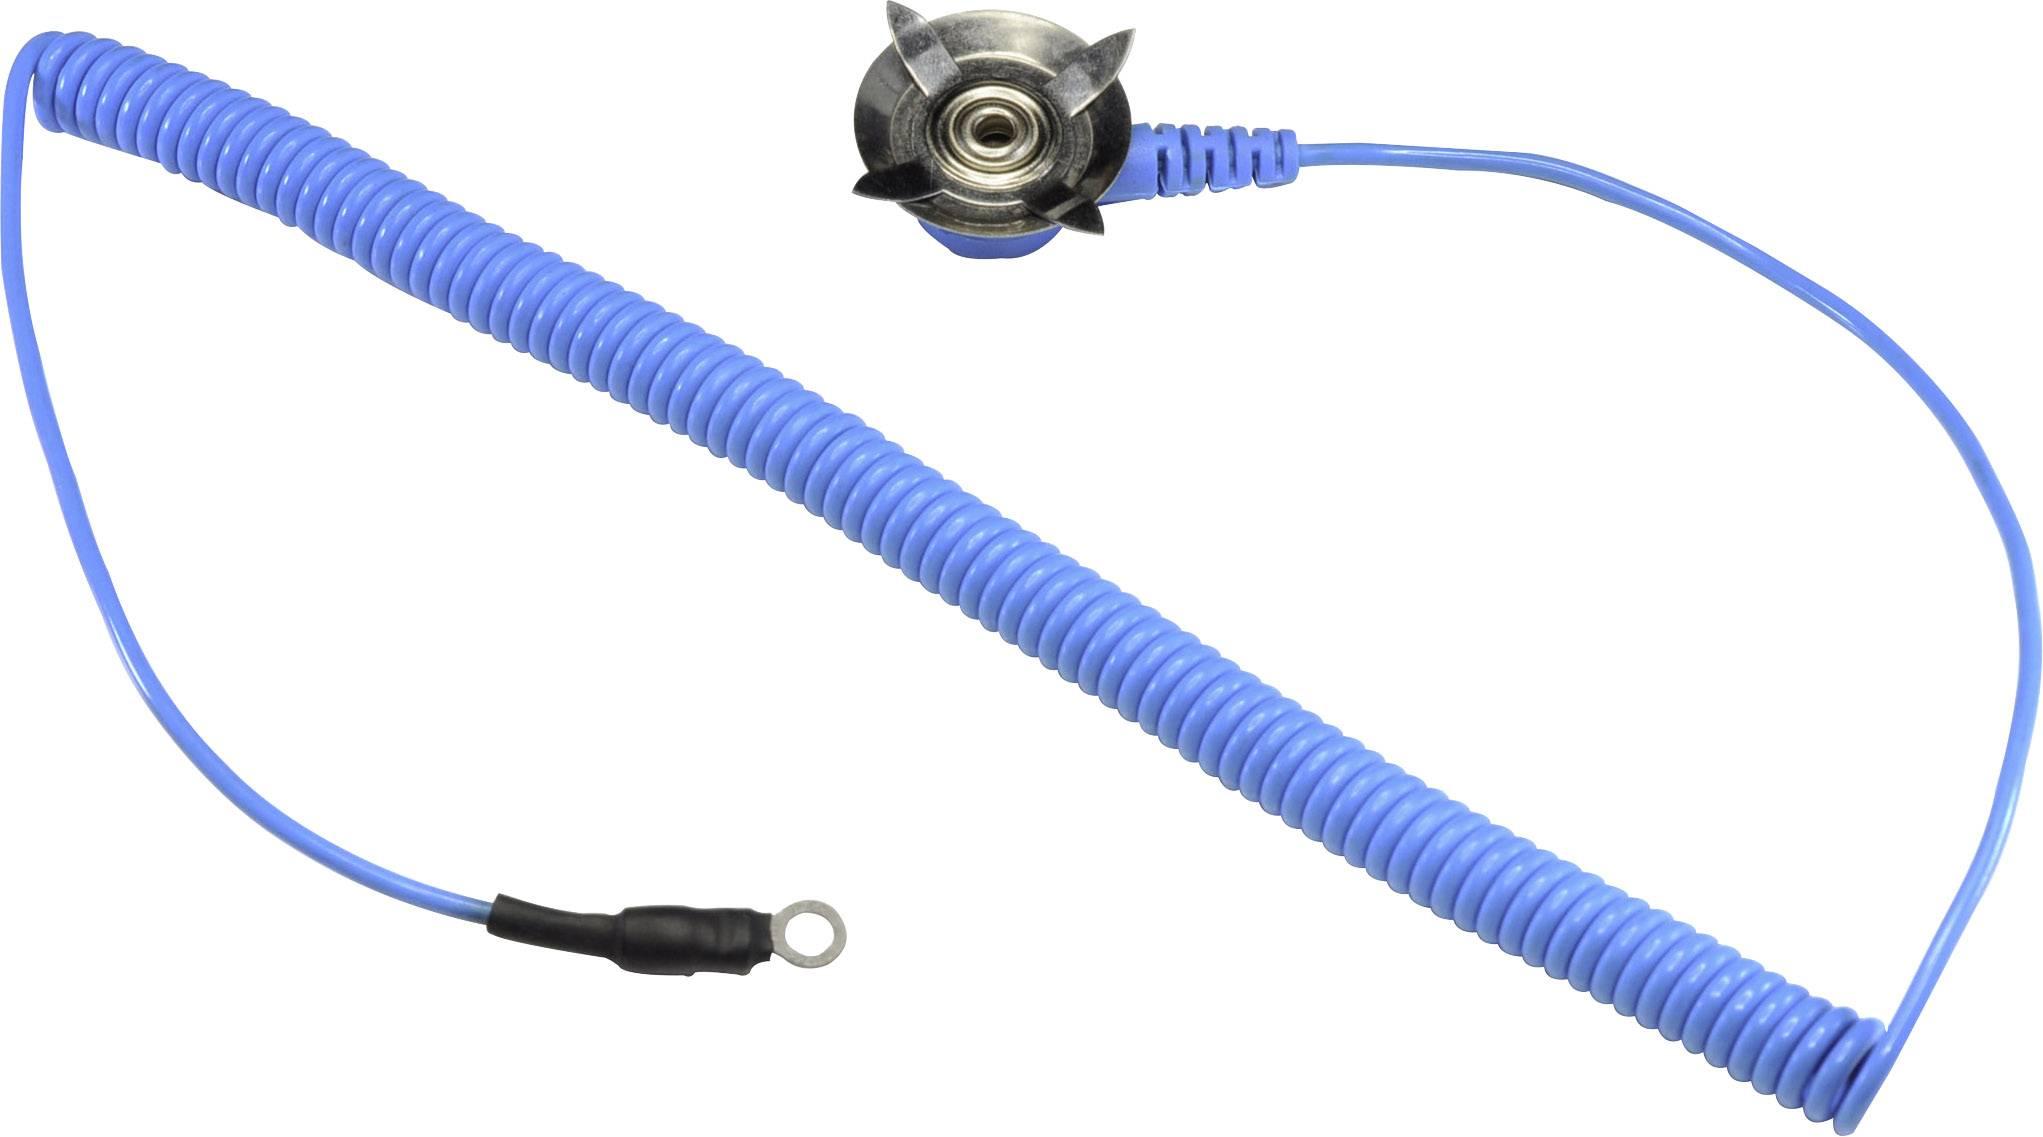 ESD zemnicí kabel k rohoži Conrad Components EkA-183-AD-R, 1.83 m prstencové očko 4 mm